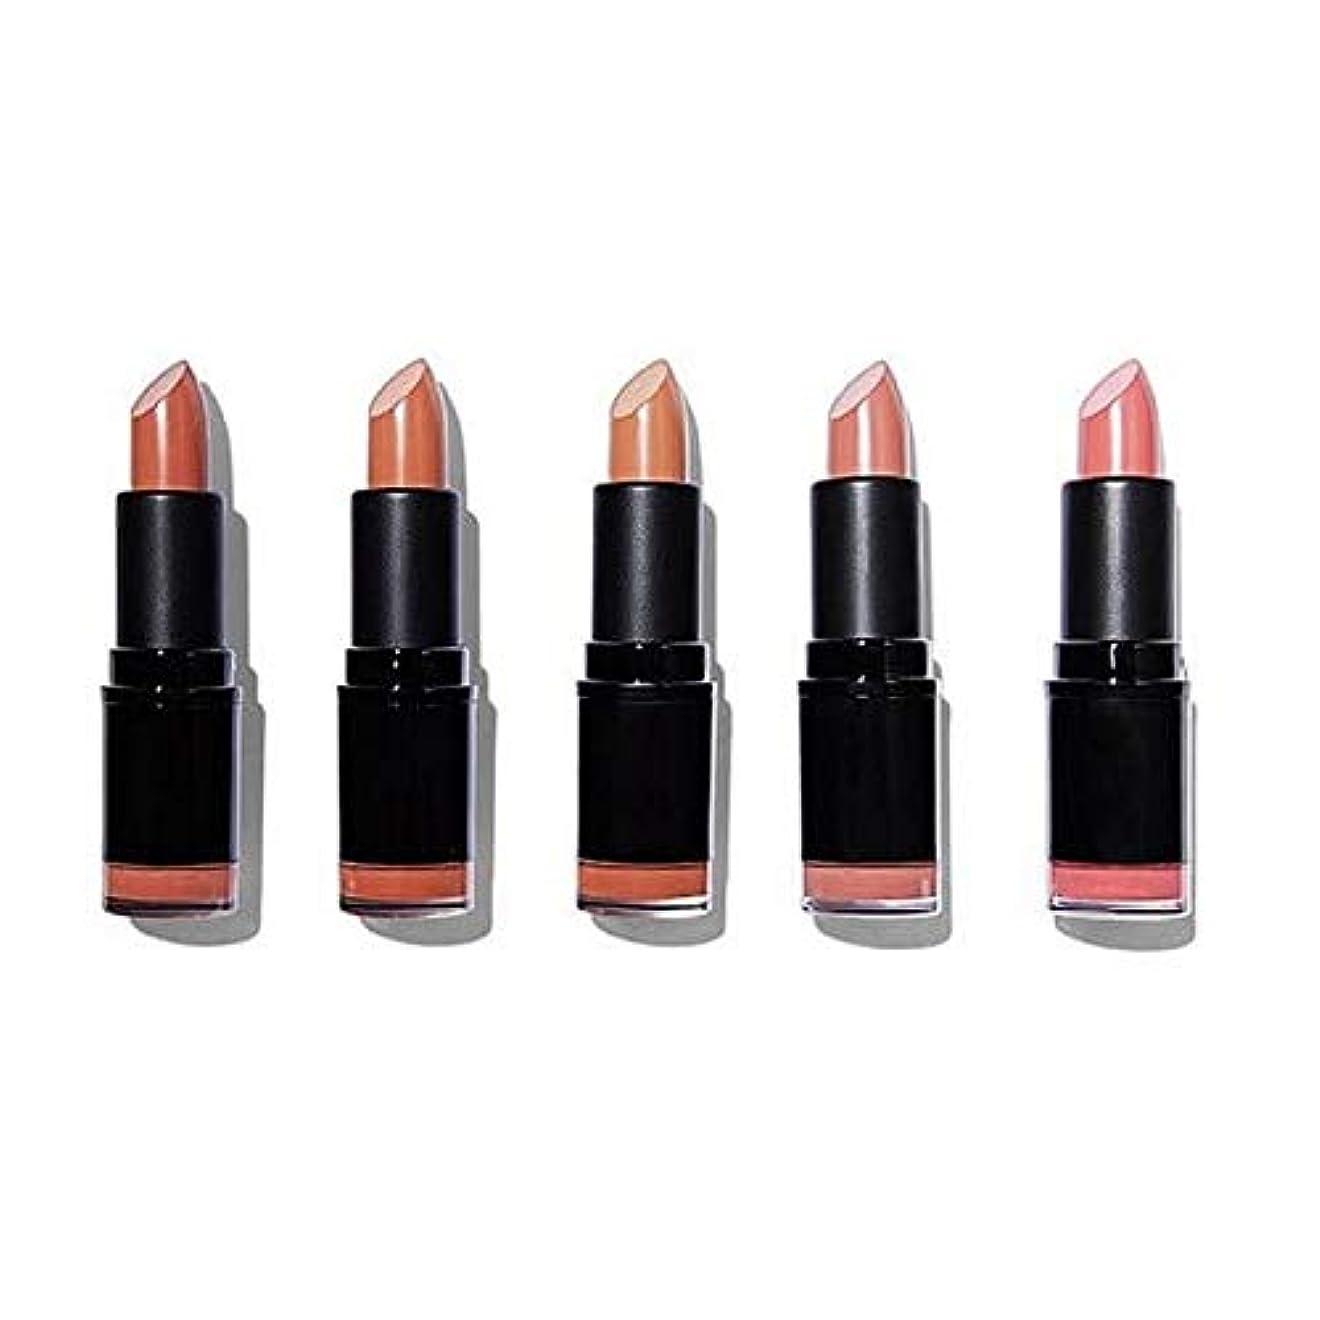 プレゼンター瞑想胆嚢[Revolution ] 革命プロ口紅のコレクション裸 - Revolution Pro Lipstick Collection Bare [並行輸入品]